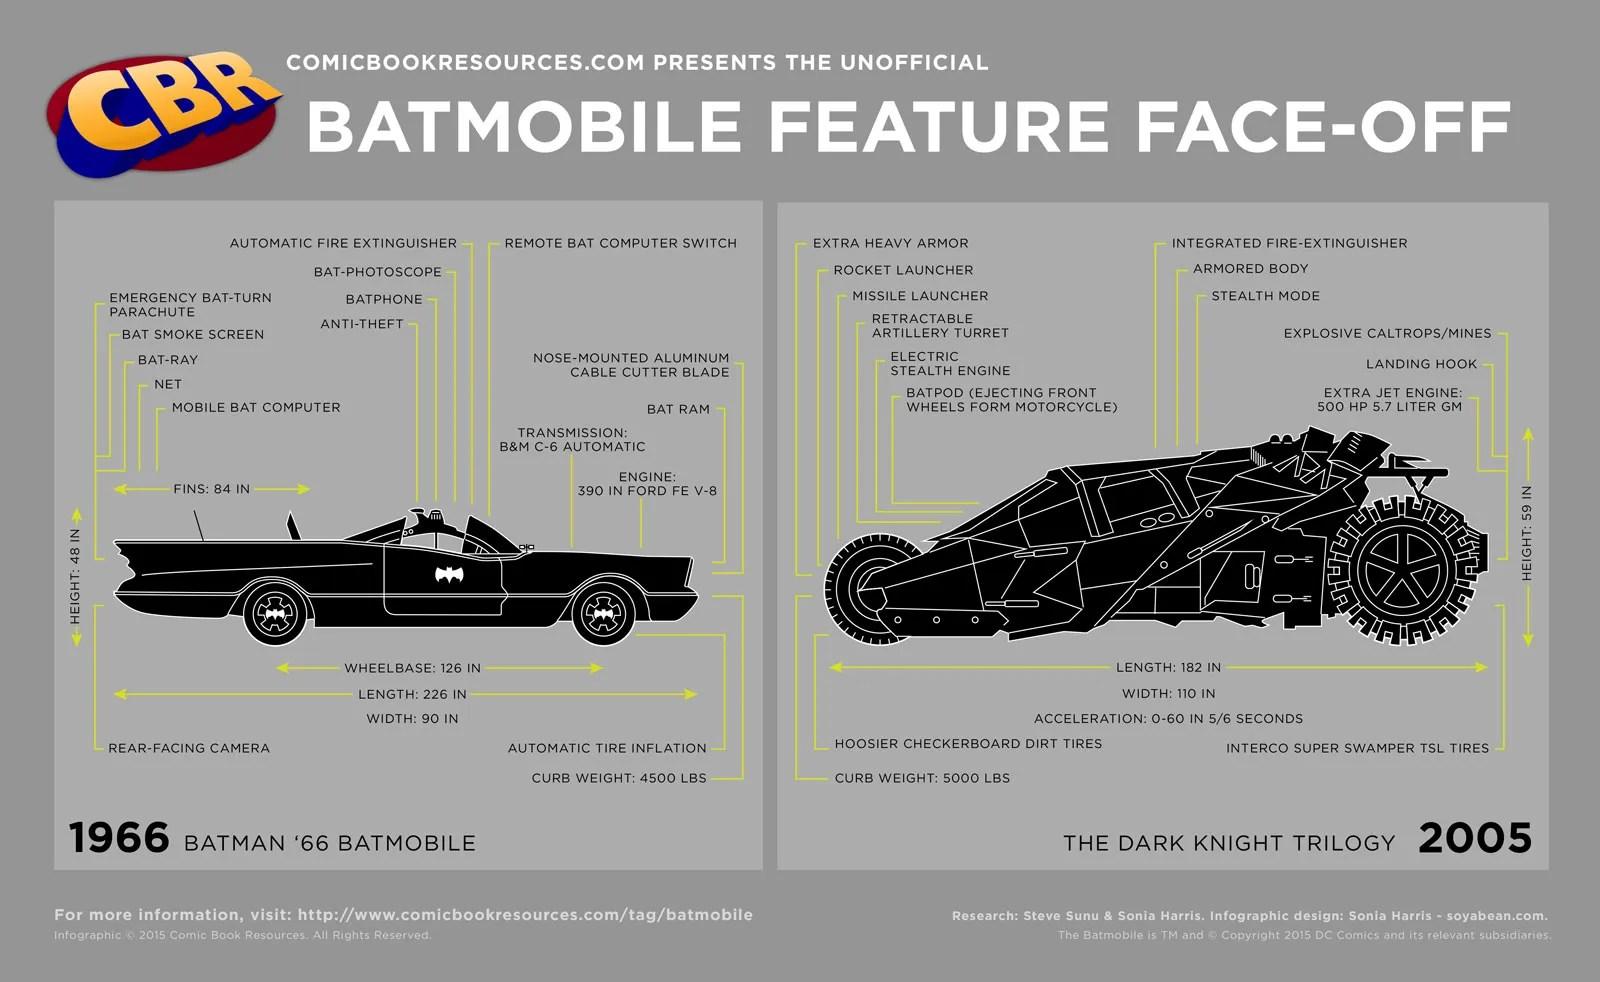 batmobiles-032115-2-e271e-1